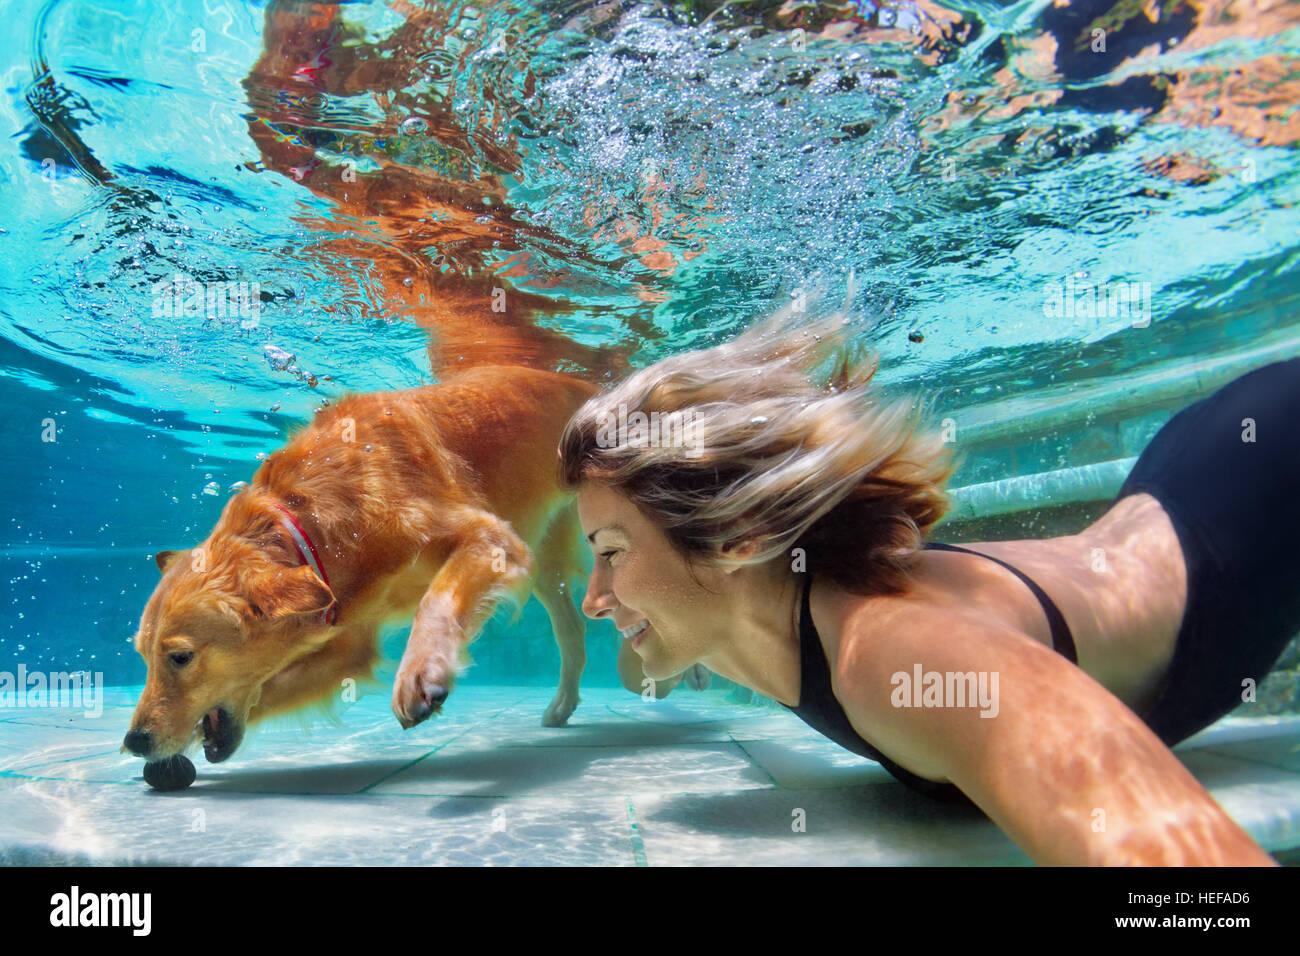 Smiley Frau Mit Lustigen Spielen, Training Golden Retriever Welpe Im Pool    Springen Und Tauchen. Aktive Wasserspiele Mit Haustier